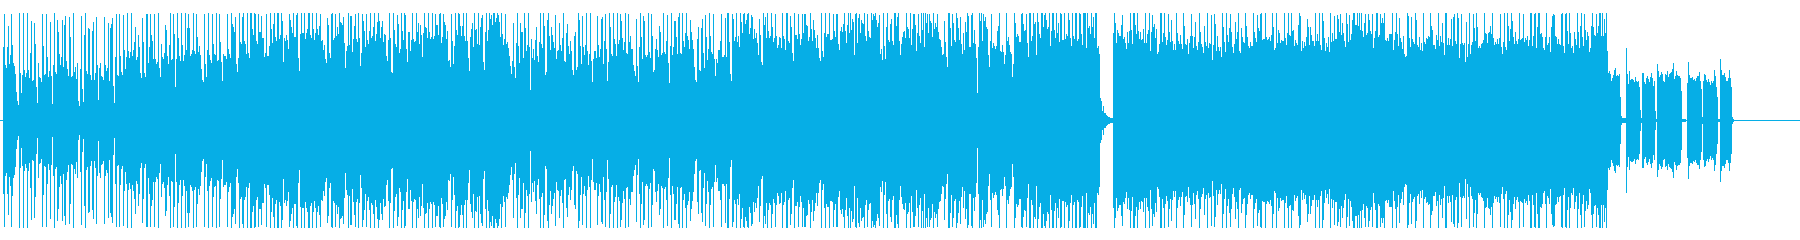 生演奏パワーポップ感のあるギターインストの再生済みの波形